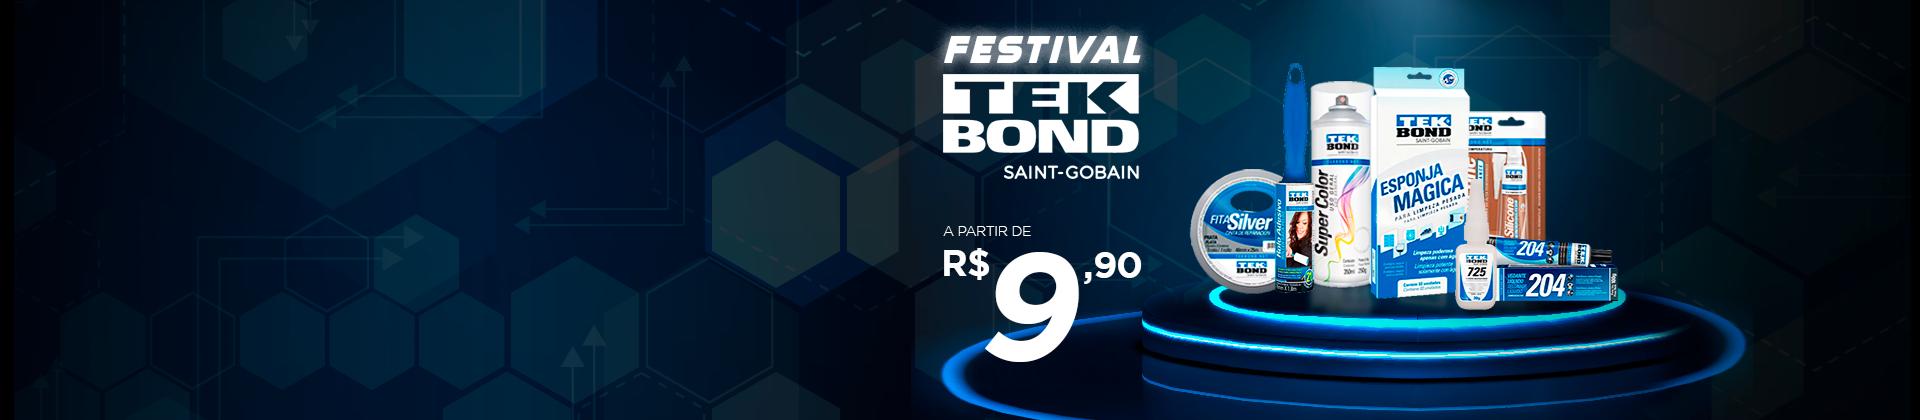 Festival Tekbond